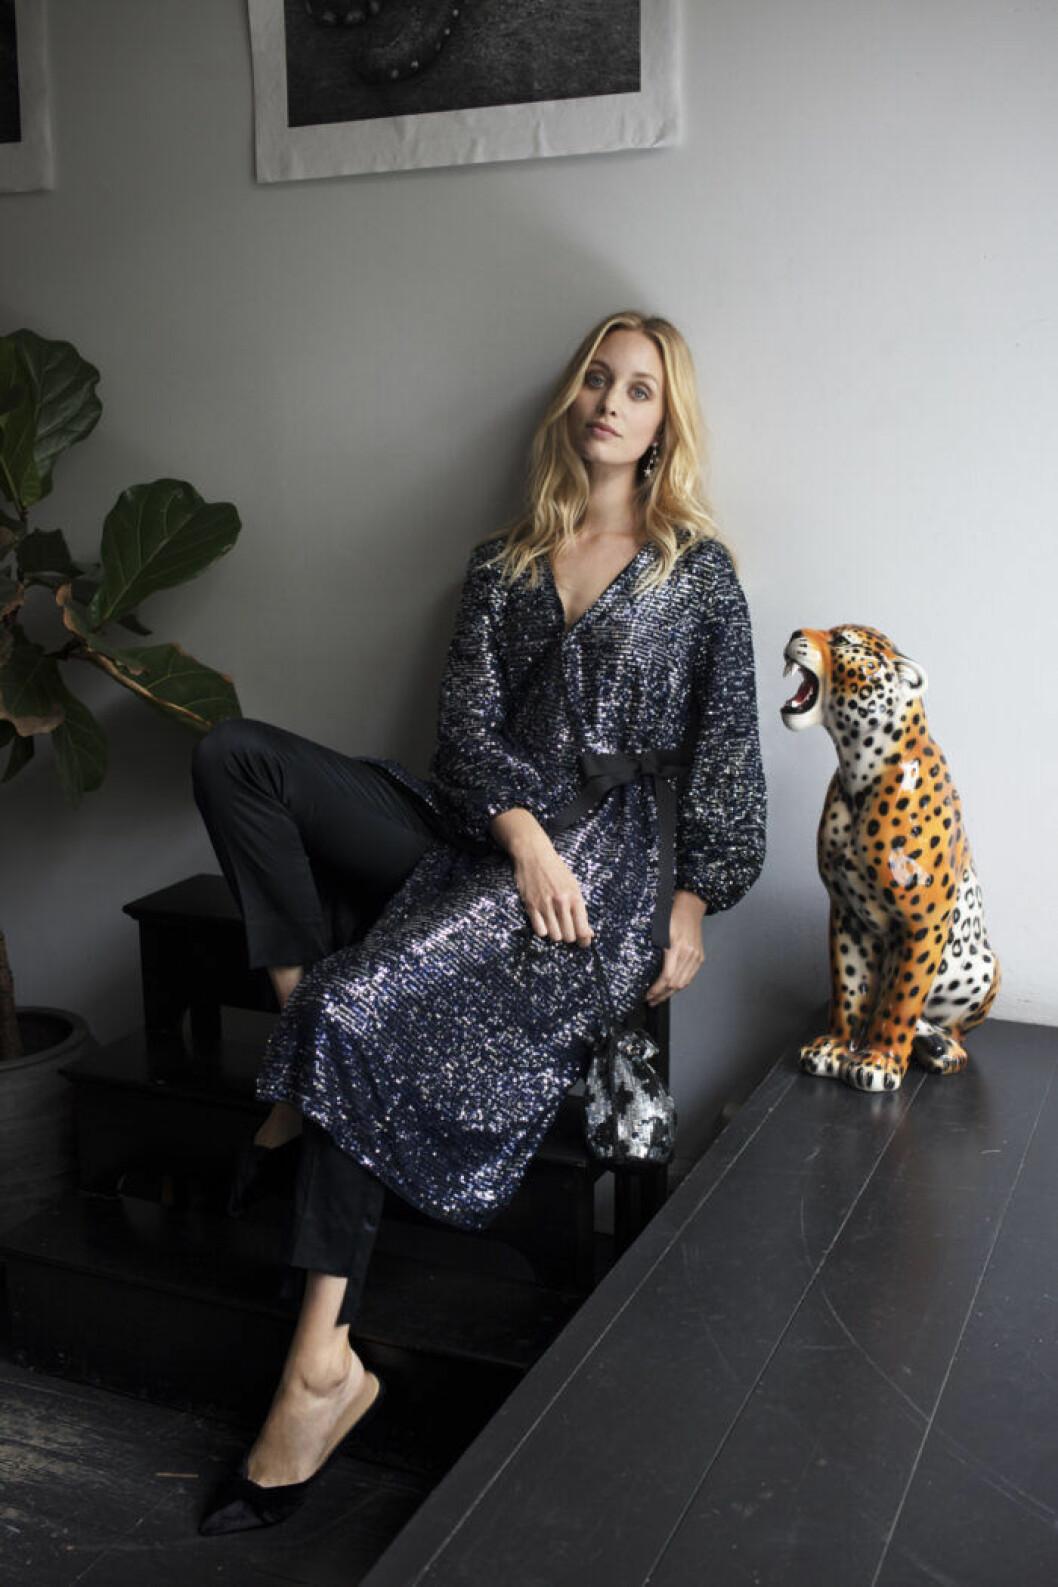 Blå paljettklänning från Beck Söndergaard från rån femina nummer 14 2019